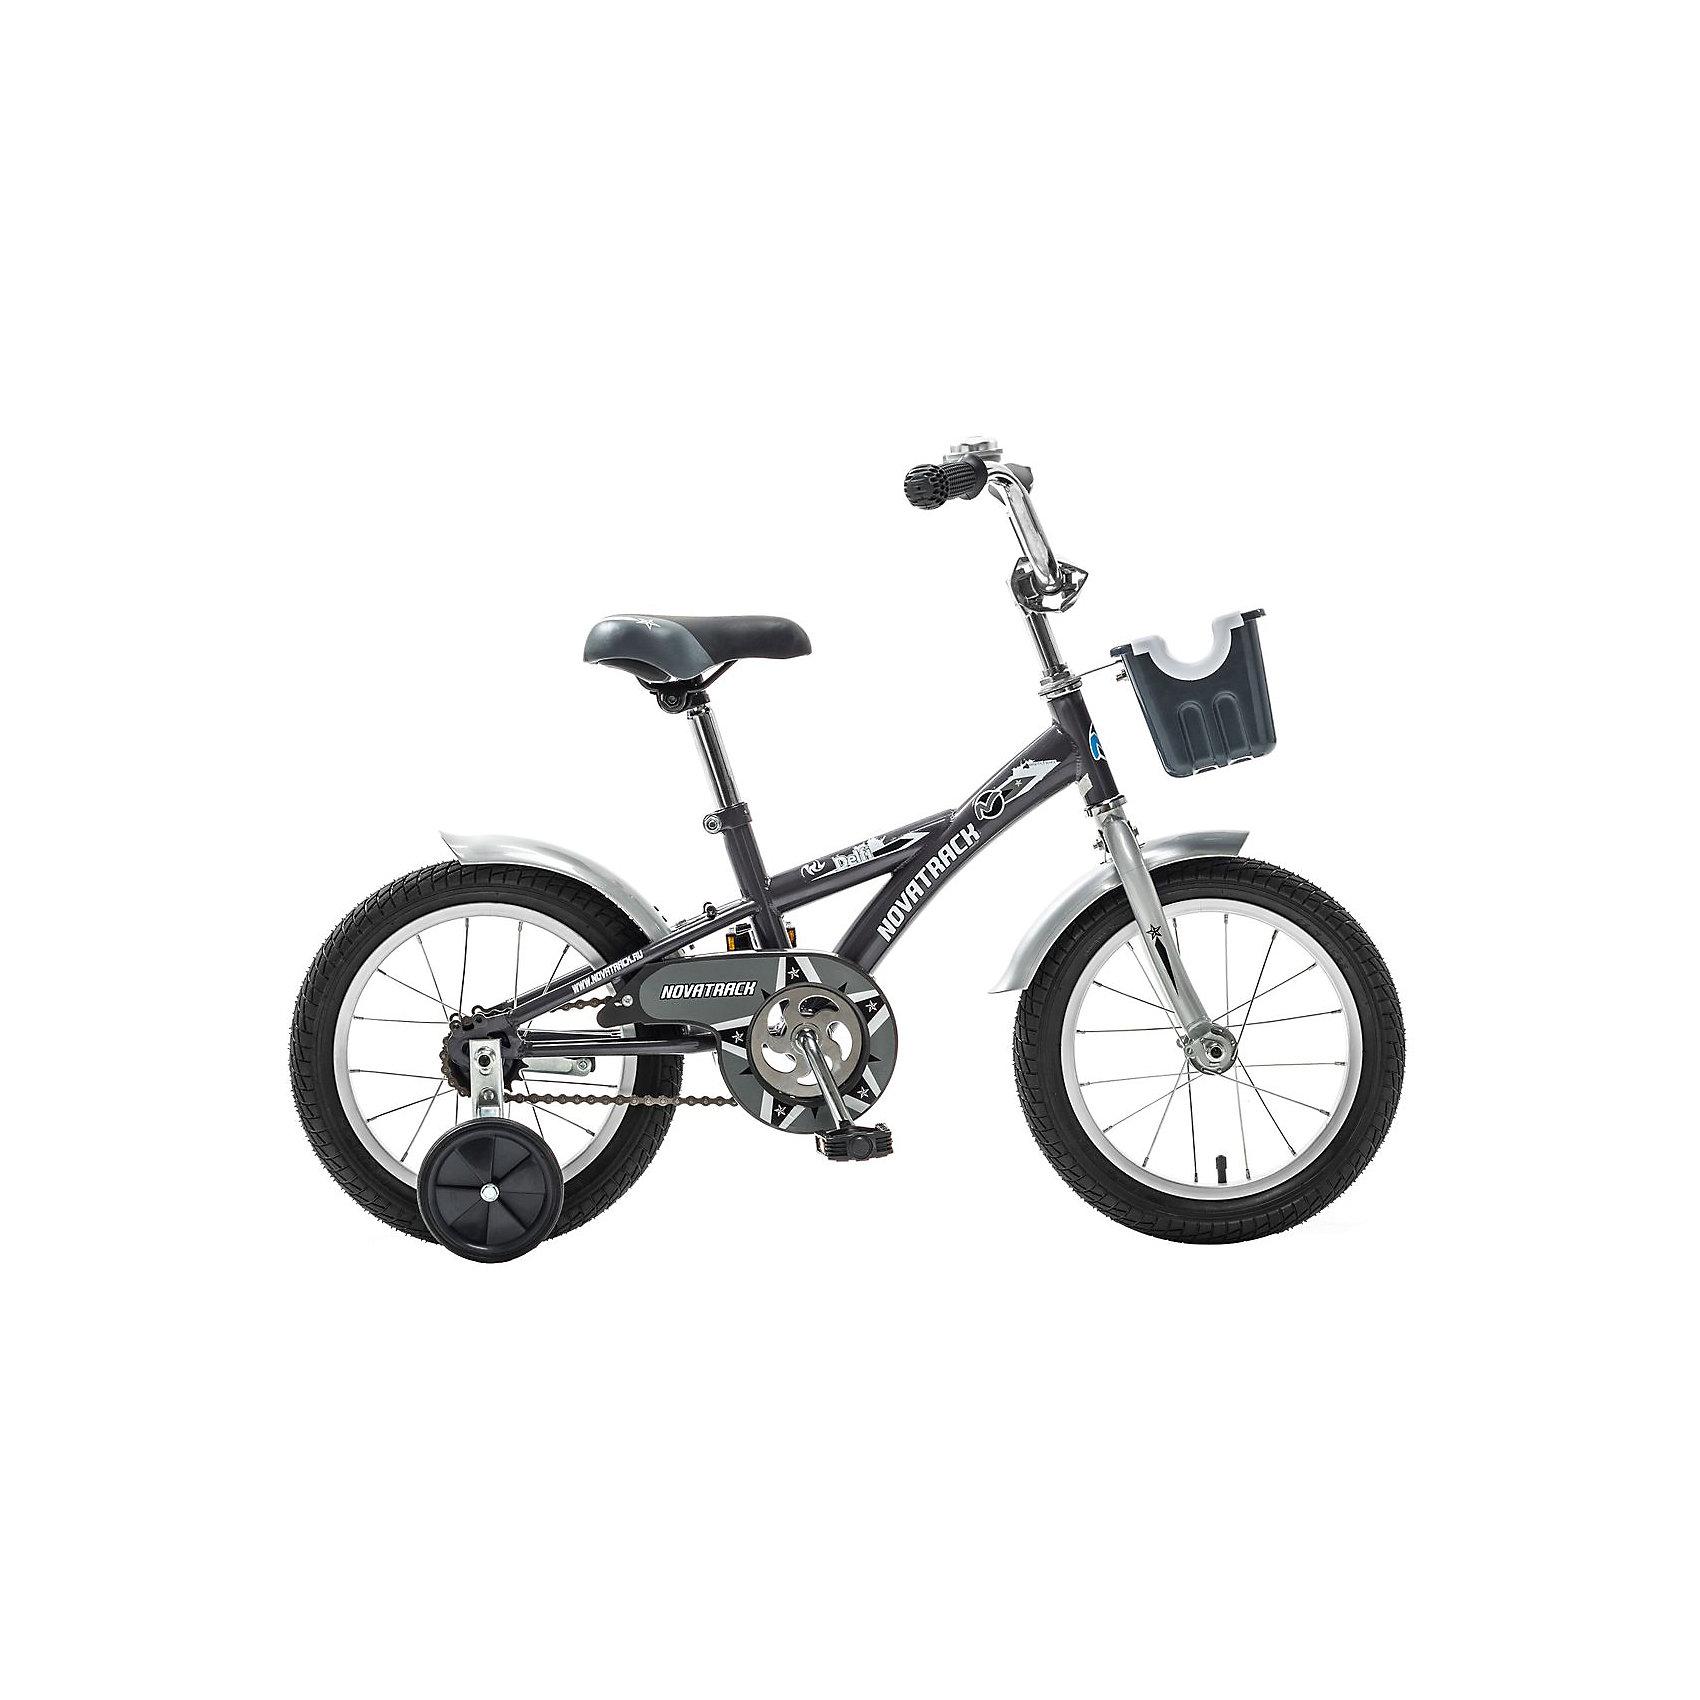 Велосипед Delfi, серо-серебряный, 14 дюймов, NovatrackВелосипеды детские<br>Велосипед Novatrack Delfi c 14-дюймовыми колесами – это надежный велосипед для ребят от 3 до 5 лет. Привлекательный дизайн, надежная сборка, легкость и отличная управляемость – это еще не все плюсы данной модели. Велосипед Delfi снабжен ограничителем поворота руля, который не позволит ребенку слишком сильно вывернуть переднее колесо велосипеда, и тем самым предотвратит падения. Цепь закрыта декоративной накладкой, которая защитит одежду и ноги ребенка от попадания в механизм. Данная модель специально разработана для легкого обучения езде на велосипеде. Низкая рама позволит ребенку быстро взбираться и слезать с велосипеда. Колеса закрыты крыльями, которые защитят ребенка от брызг, а на руле располагается вместительная корзинка для перевозки самых необходимых в дороге предметов.<br><br>Велосипед Delfi, серо-серебряный, 14 дюймов, Novatrack можно купить в нашем интернет-магазине.<br><br>Ширина мм: 810<br>Глубина мм: 185<br>Высота мм: 410<br>Вес г: 11000<br>Возраст от месяцев: 48<br>Возраст до месяцев: 72<br>Пол: Унисекс<br>Возраст: Детский<br>SKU: 5613204